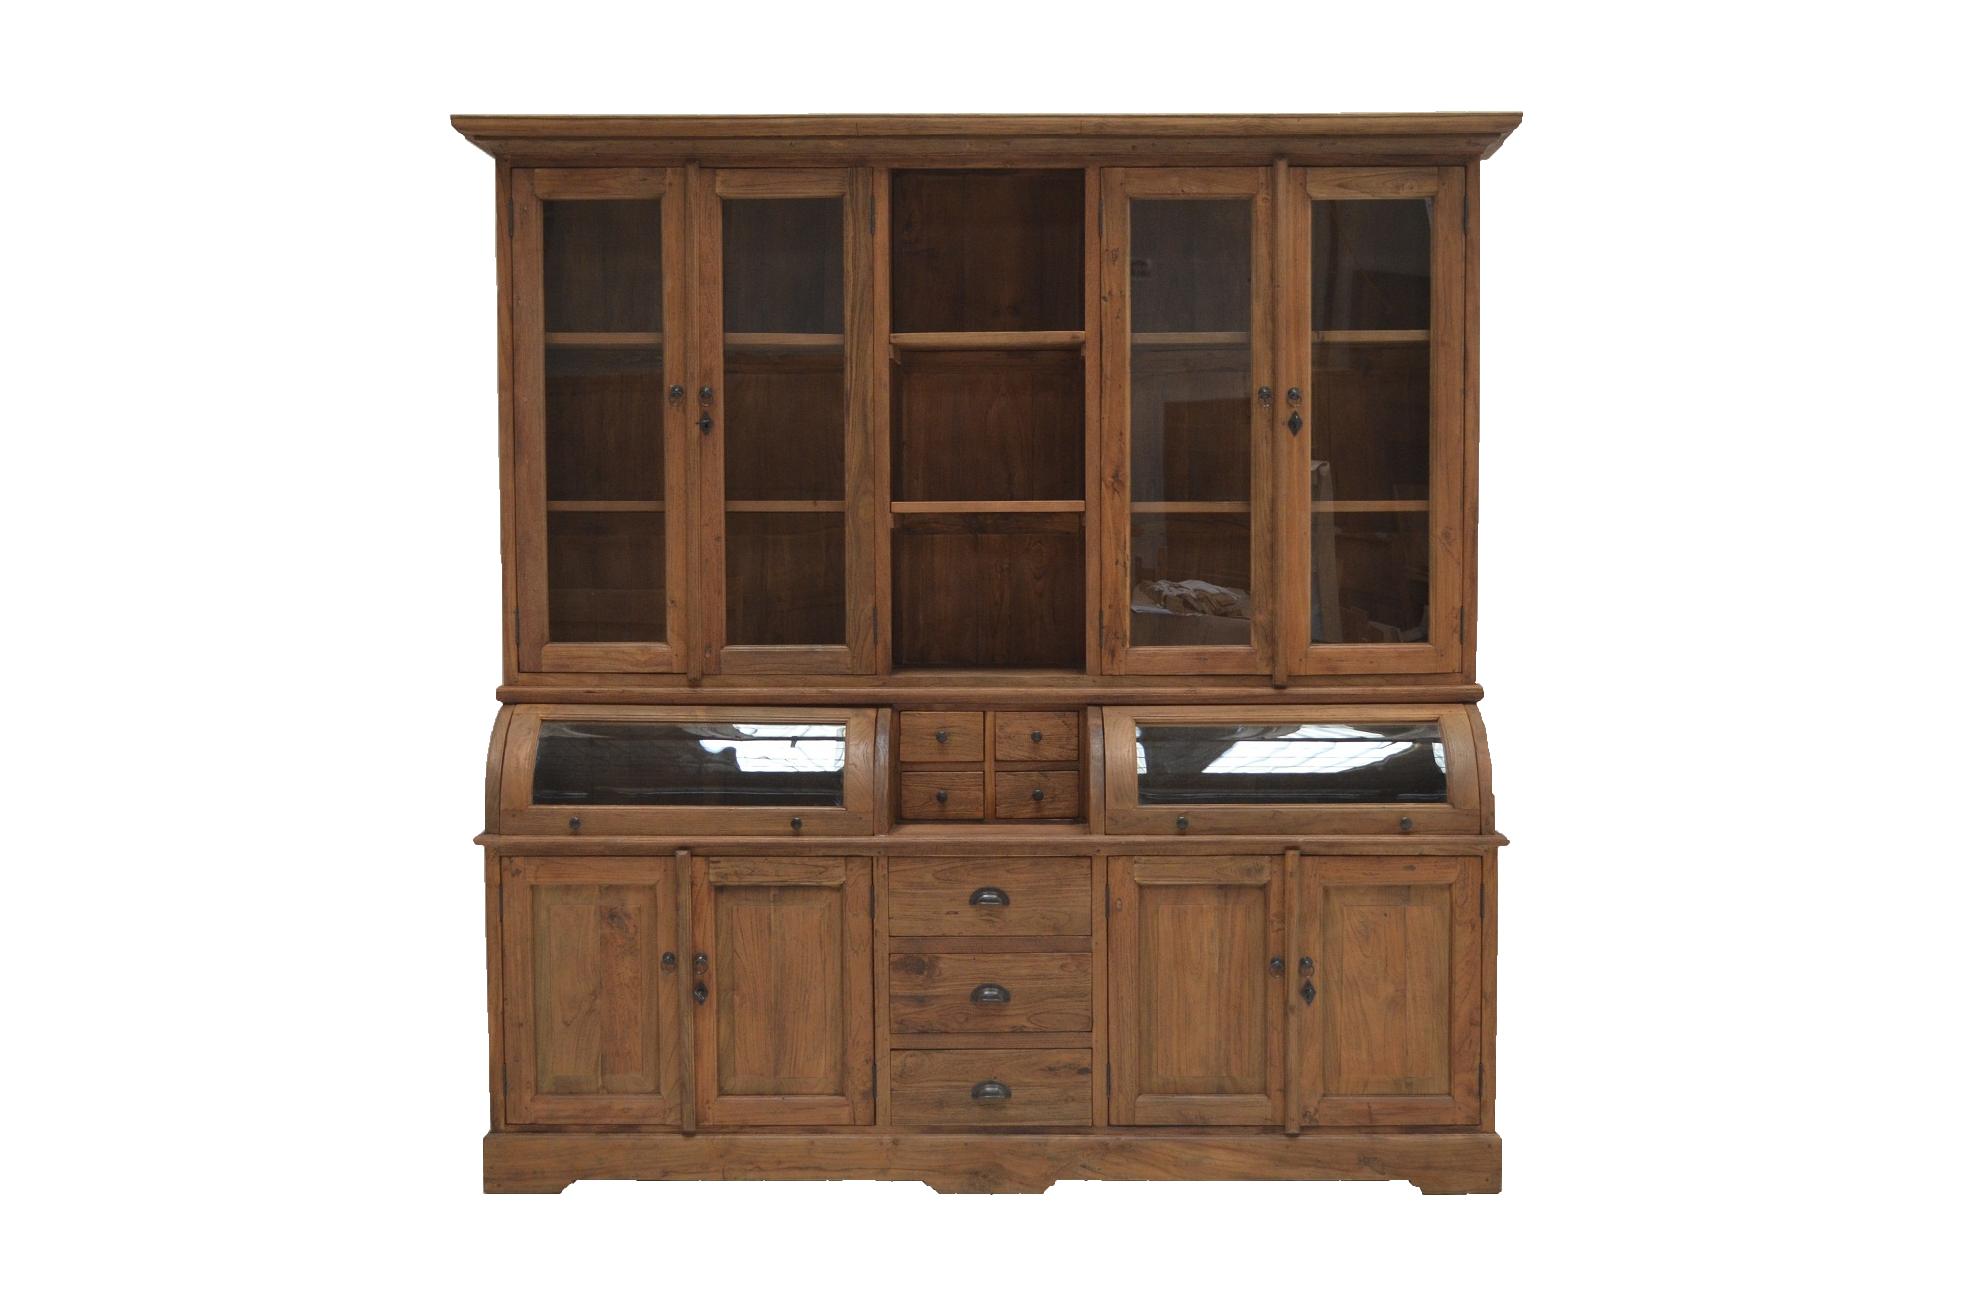 buffet schrank landhaus 250 cm massivholz teak teakholz m bel teak recycelt bei. Black Bedroom Furniture Sets. Home Design Ideas